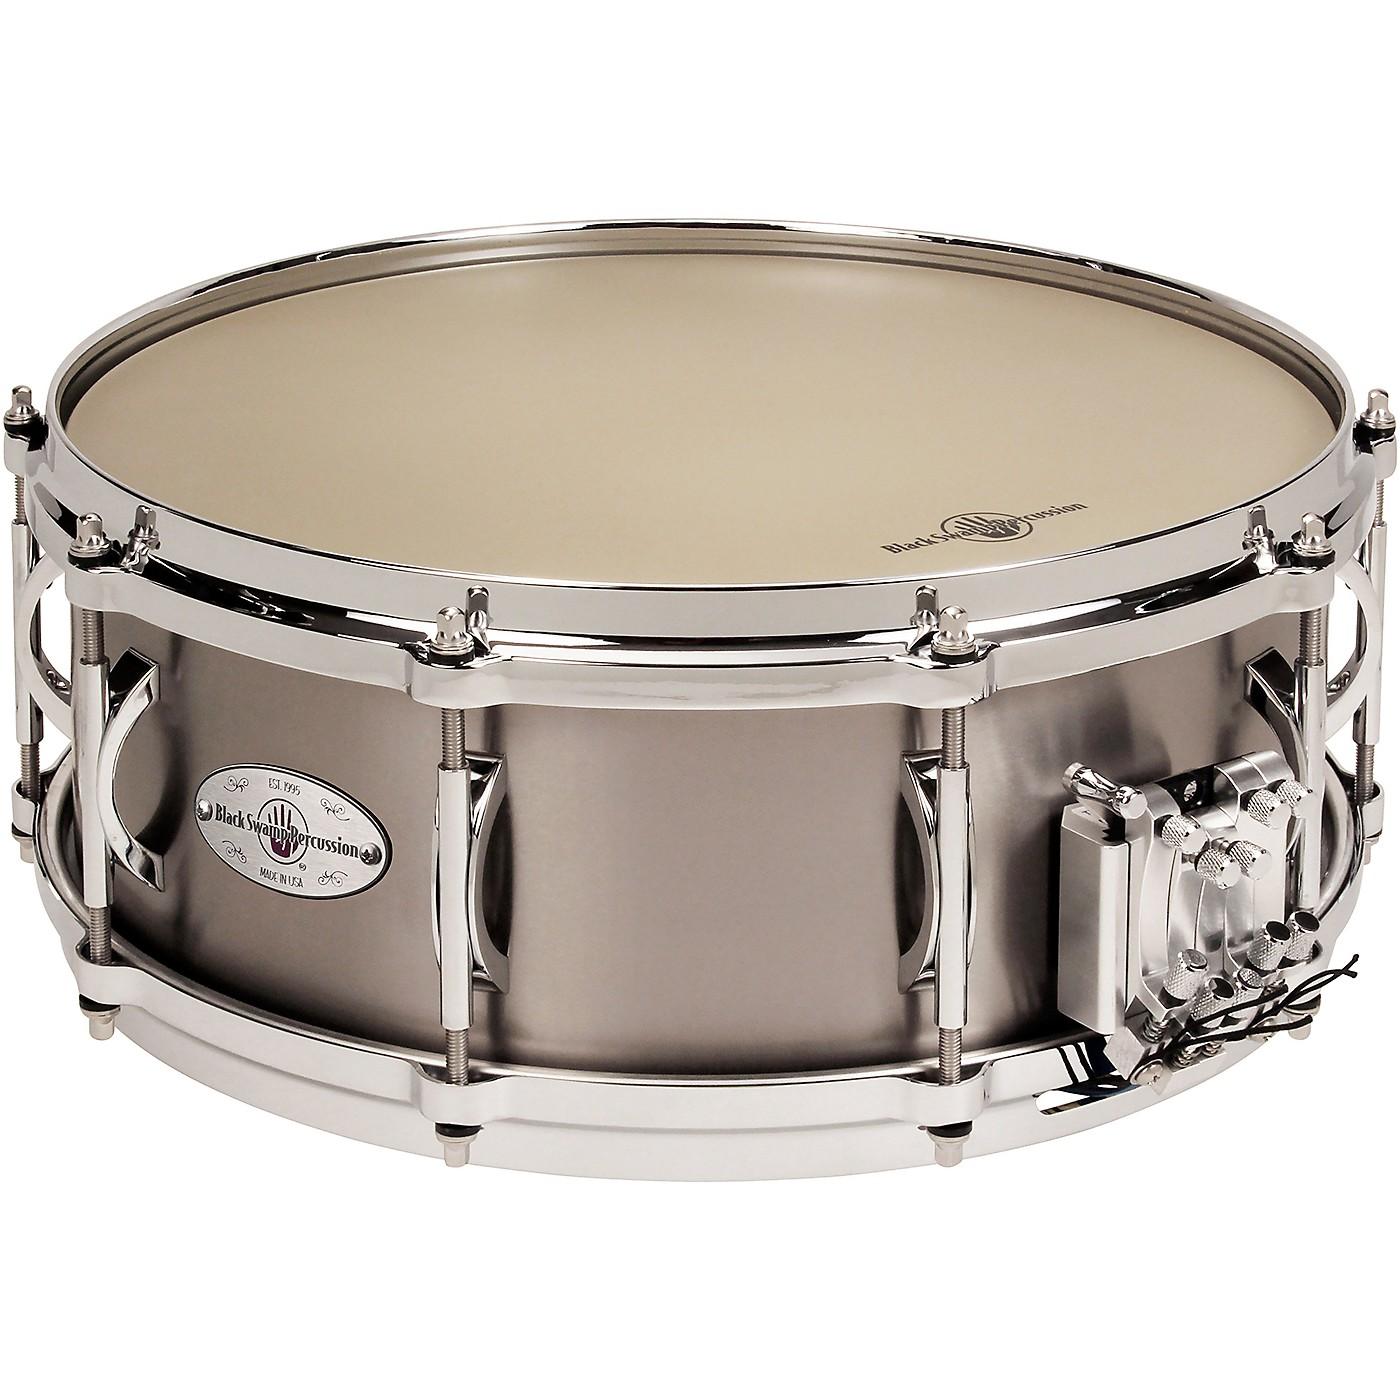 Black Swamp Percussion Multisonic Concert Titanium Elite Snare Drum, 14x5.5 in. thumbnail